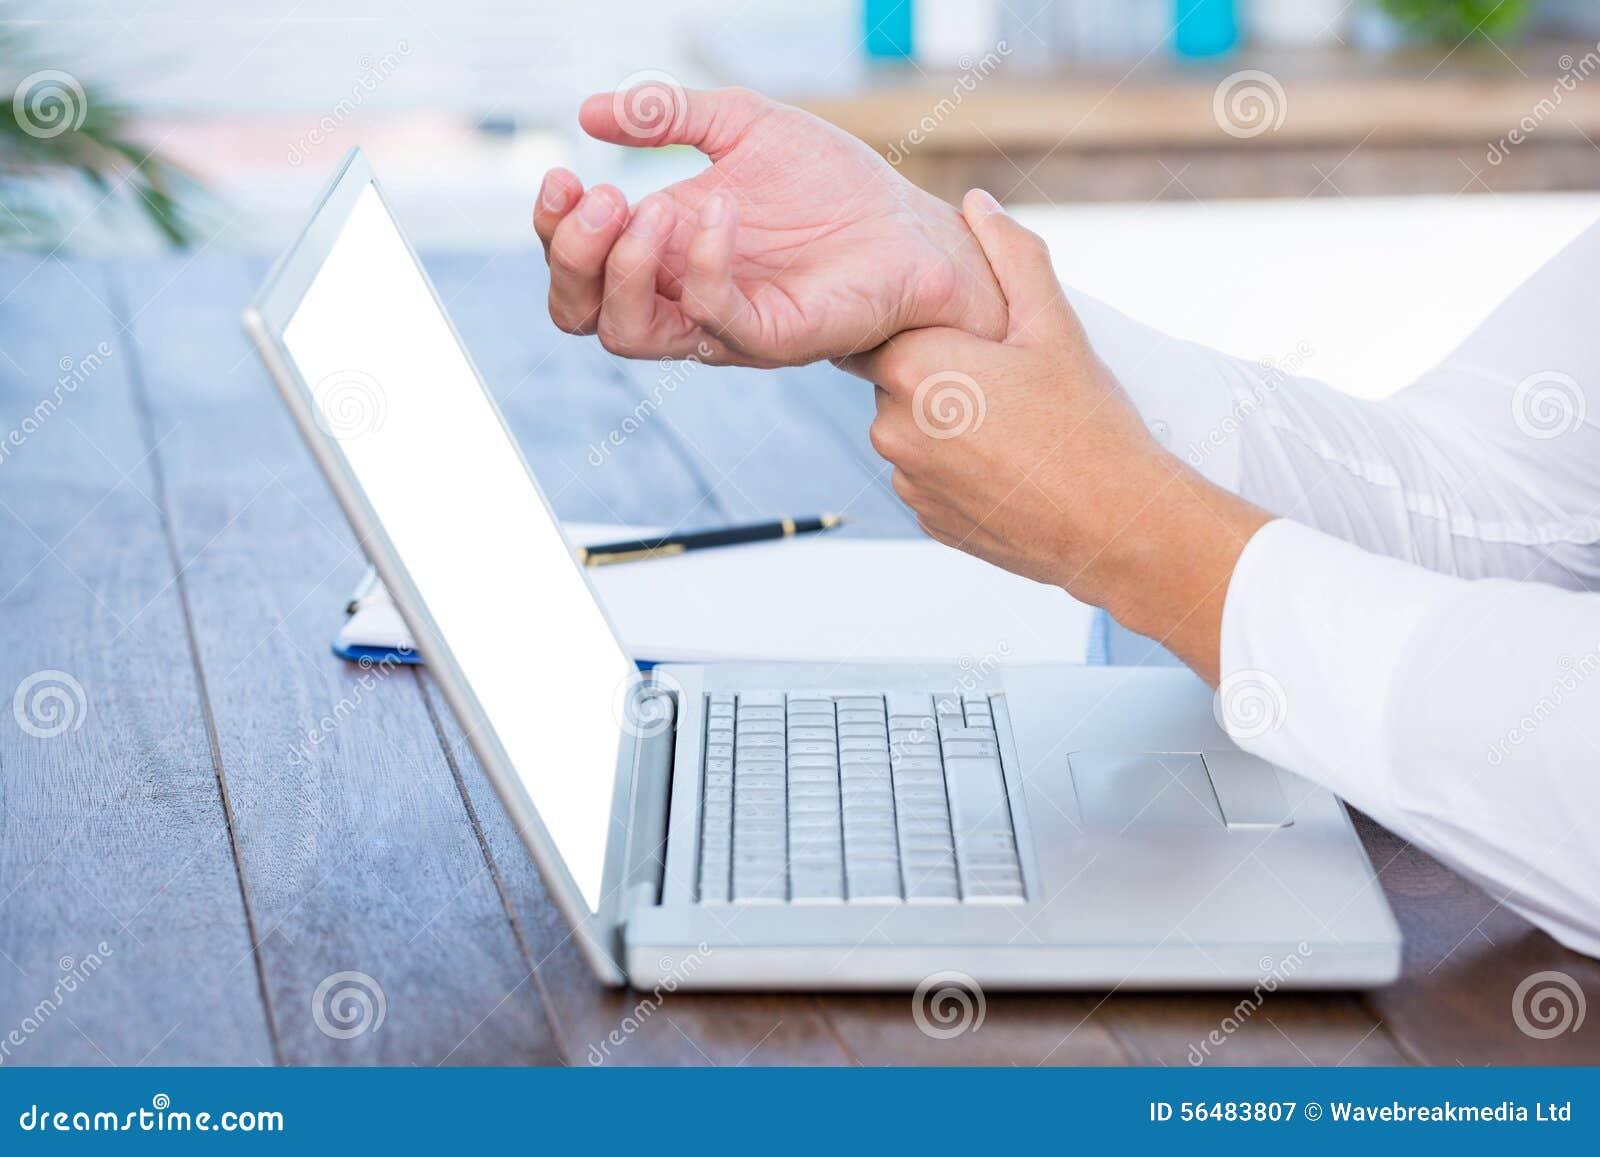 Fermez-vous vers le haut de la vue de l homme massant son poignet